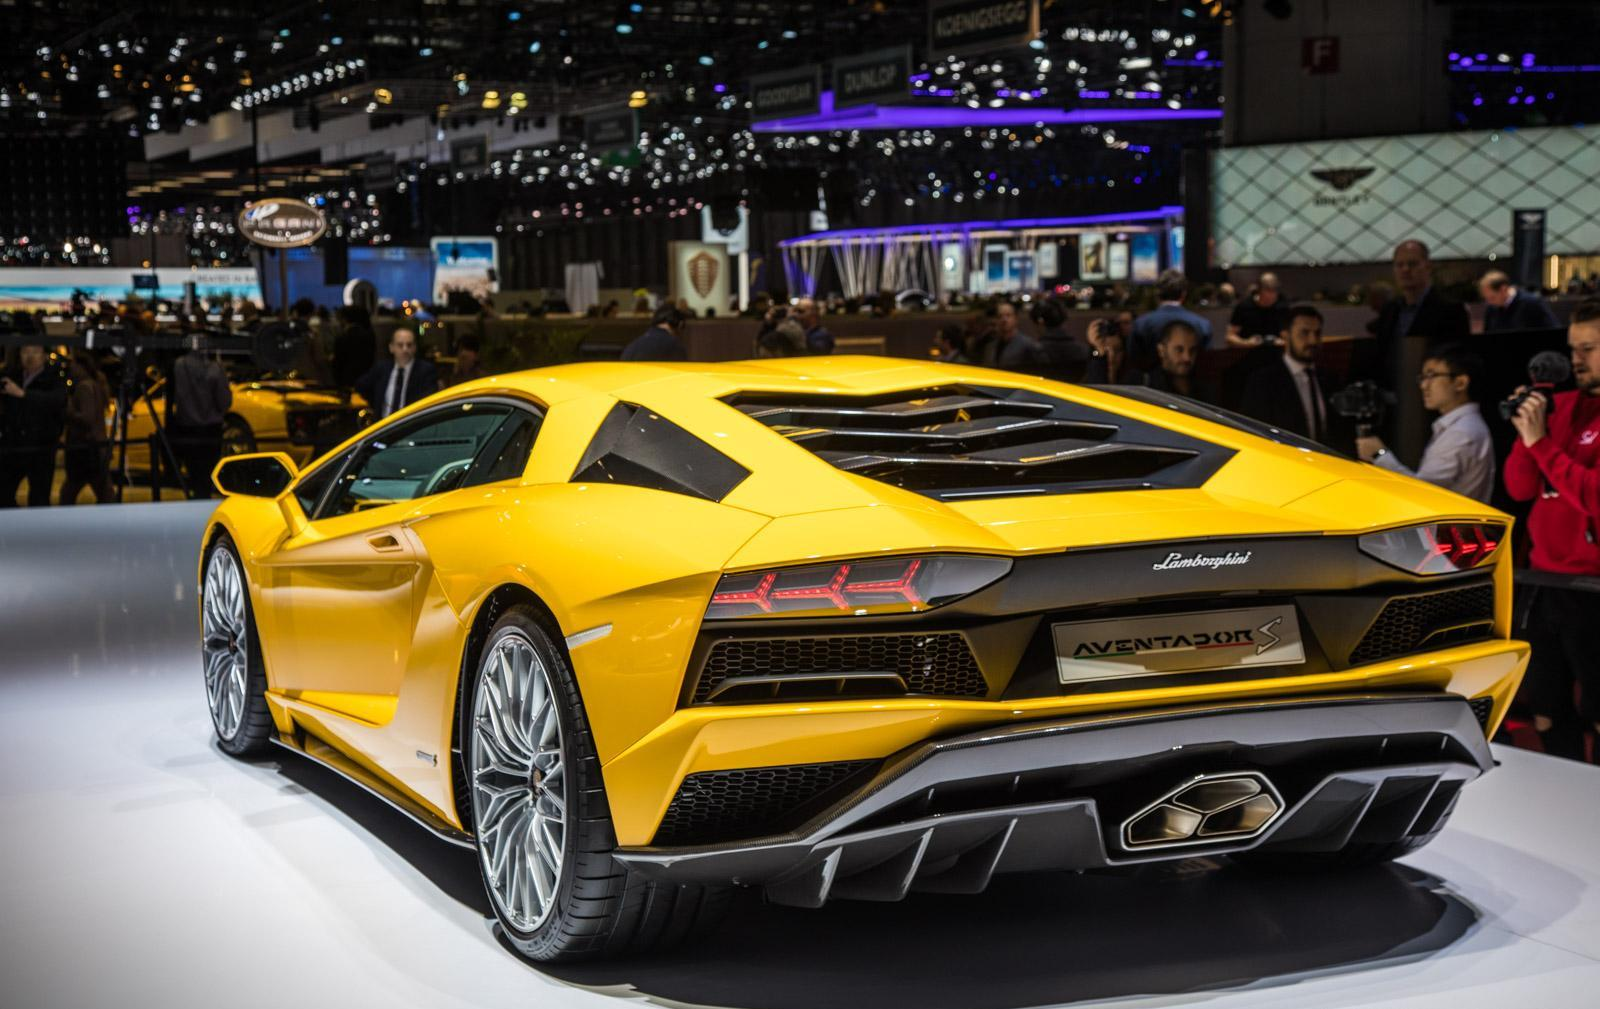 Lamborghini-aventador-s-012